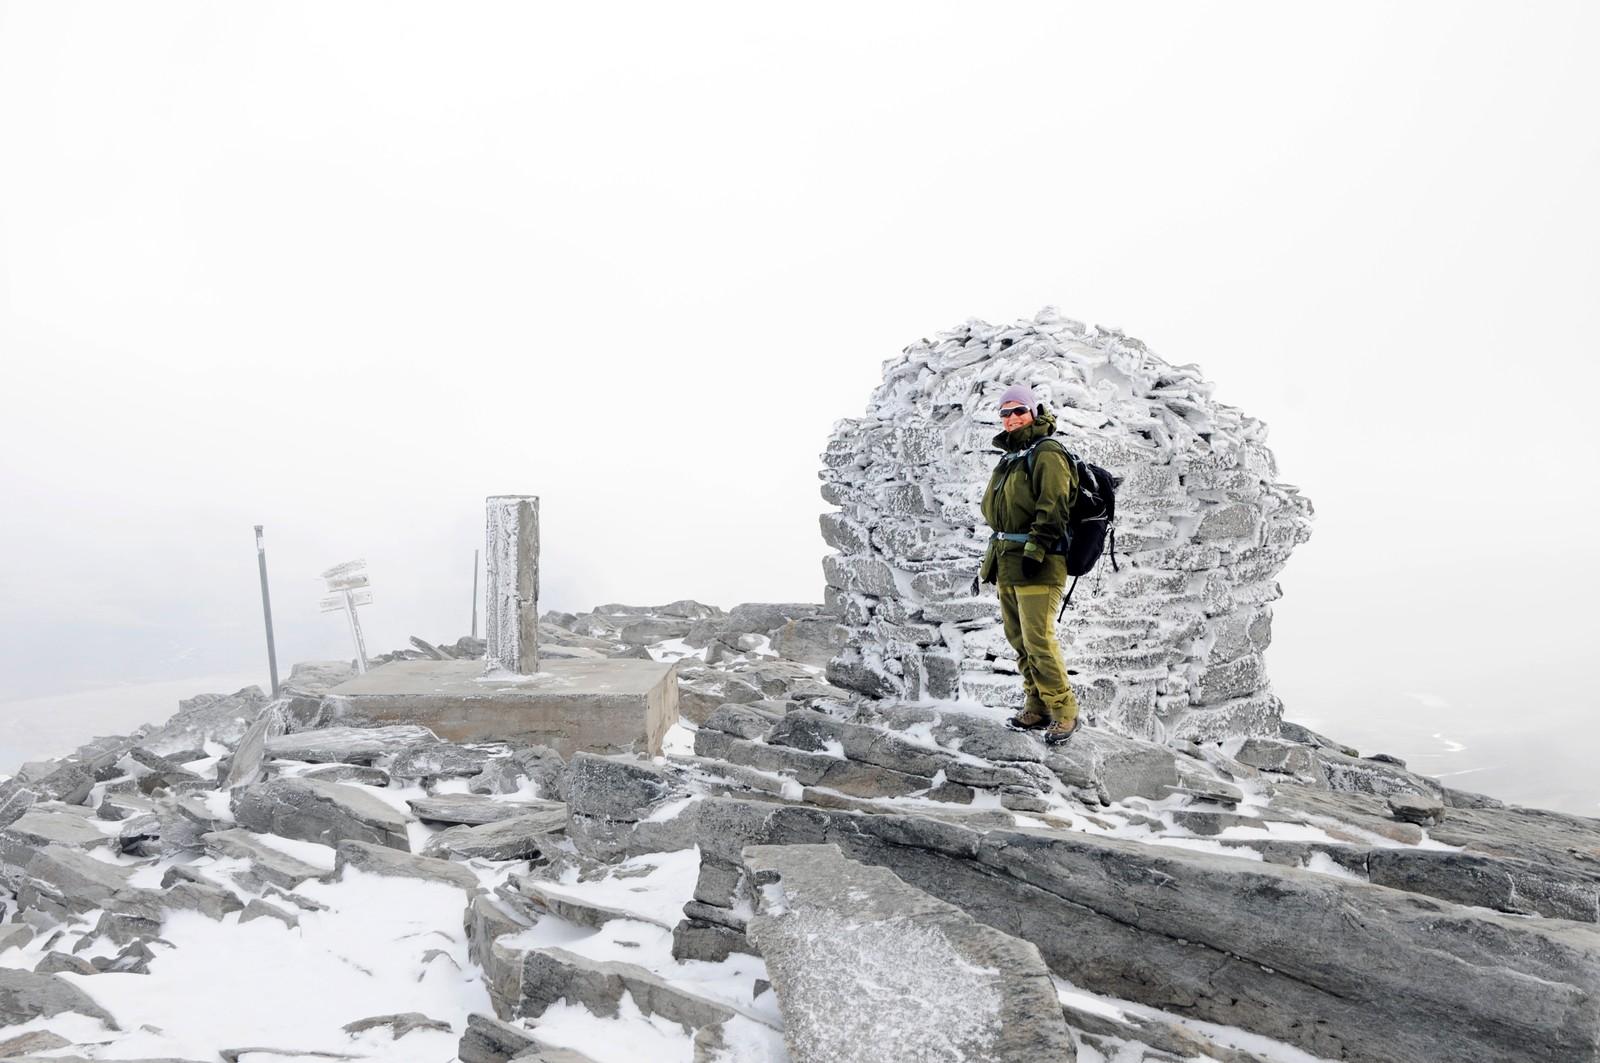 Tåka lå tjukt fra 2000 meter og opp, da ekteparet gikk opp Snøhetta.